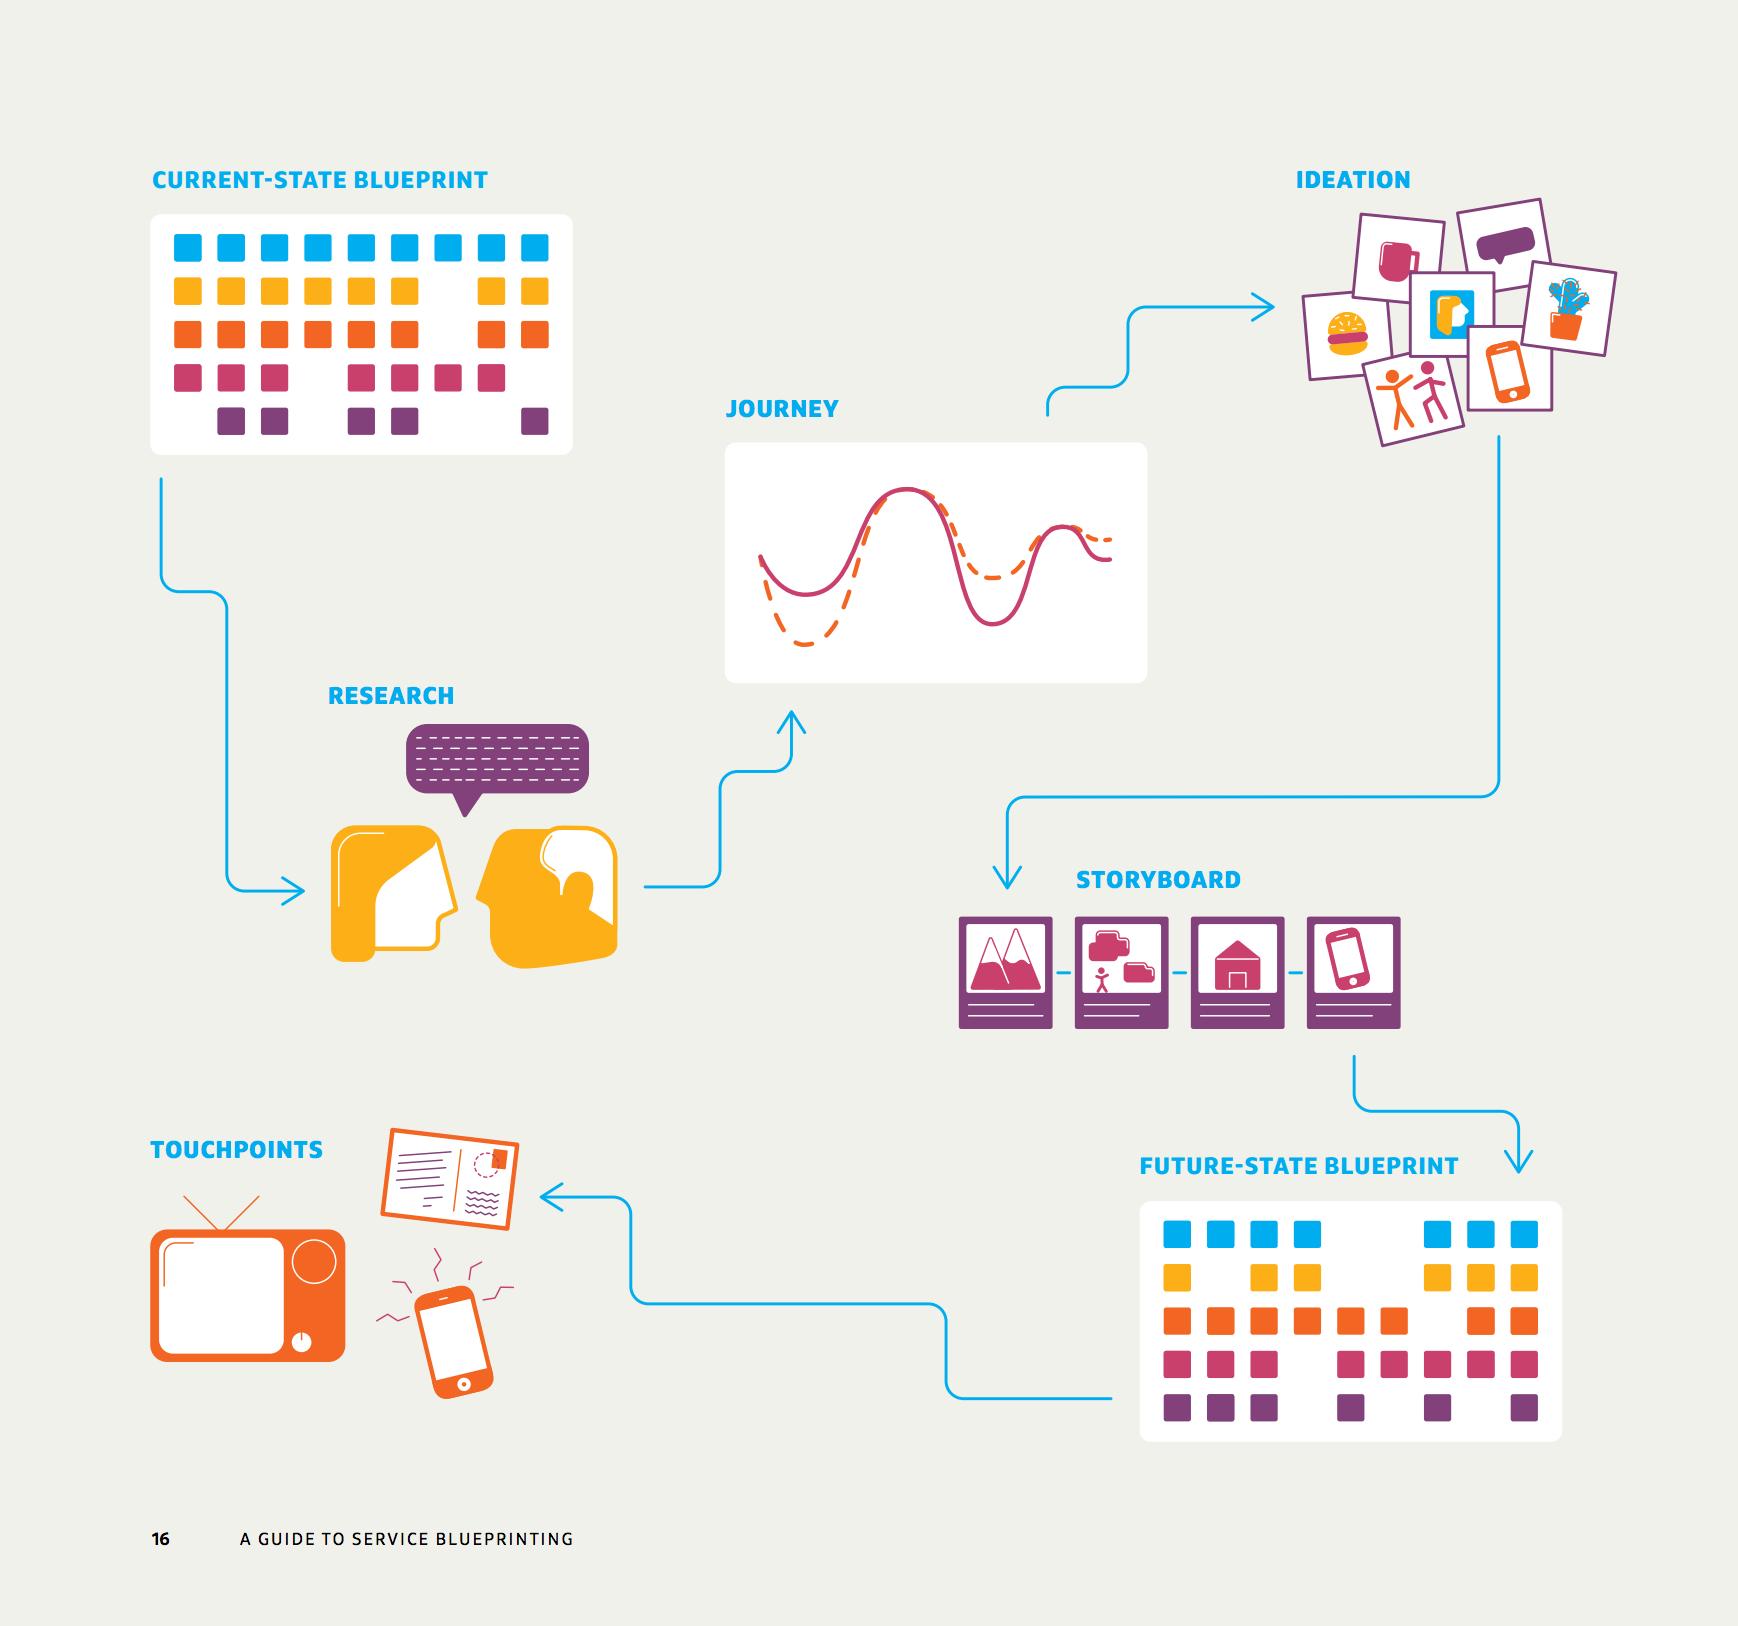 Un guide complet pour concevoir avec lapproche de service design en un guide complet pour concevoir avec lapproche de service design en saidant malvernweather Images